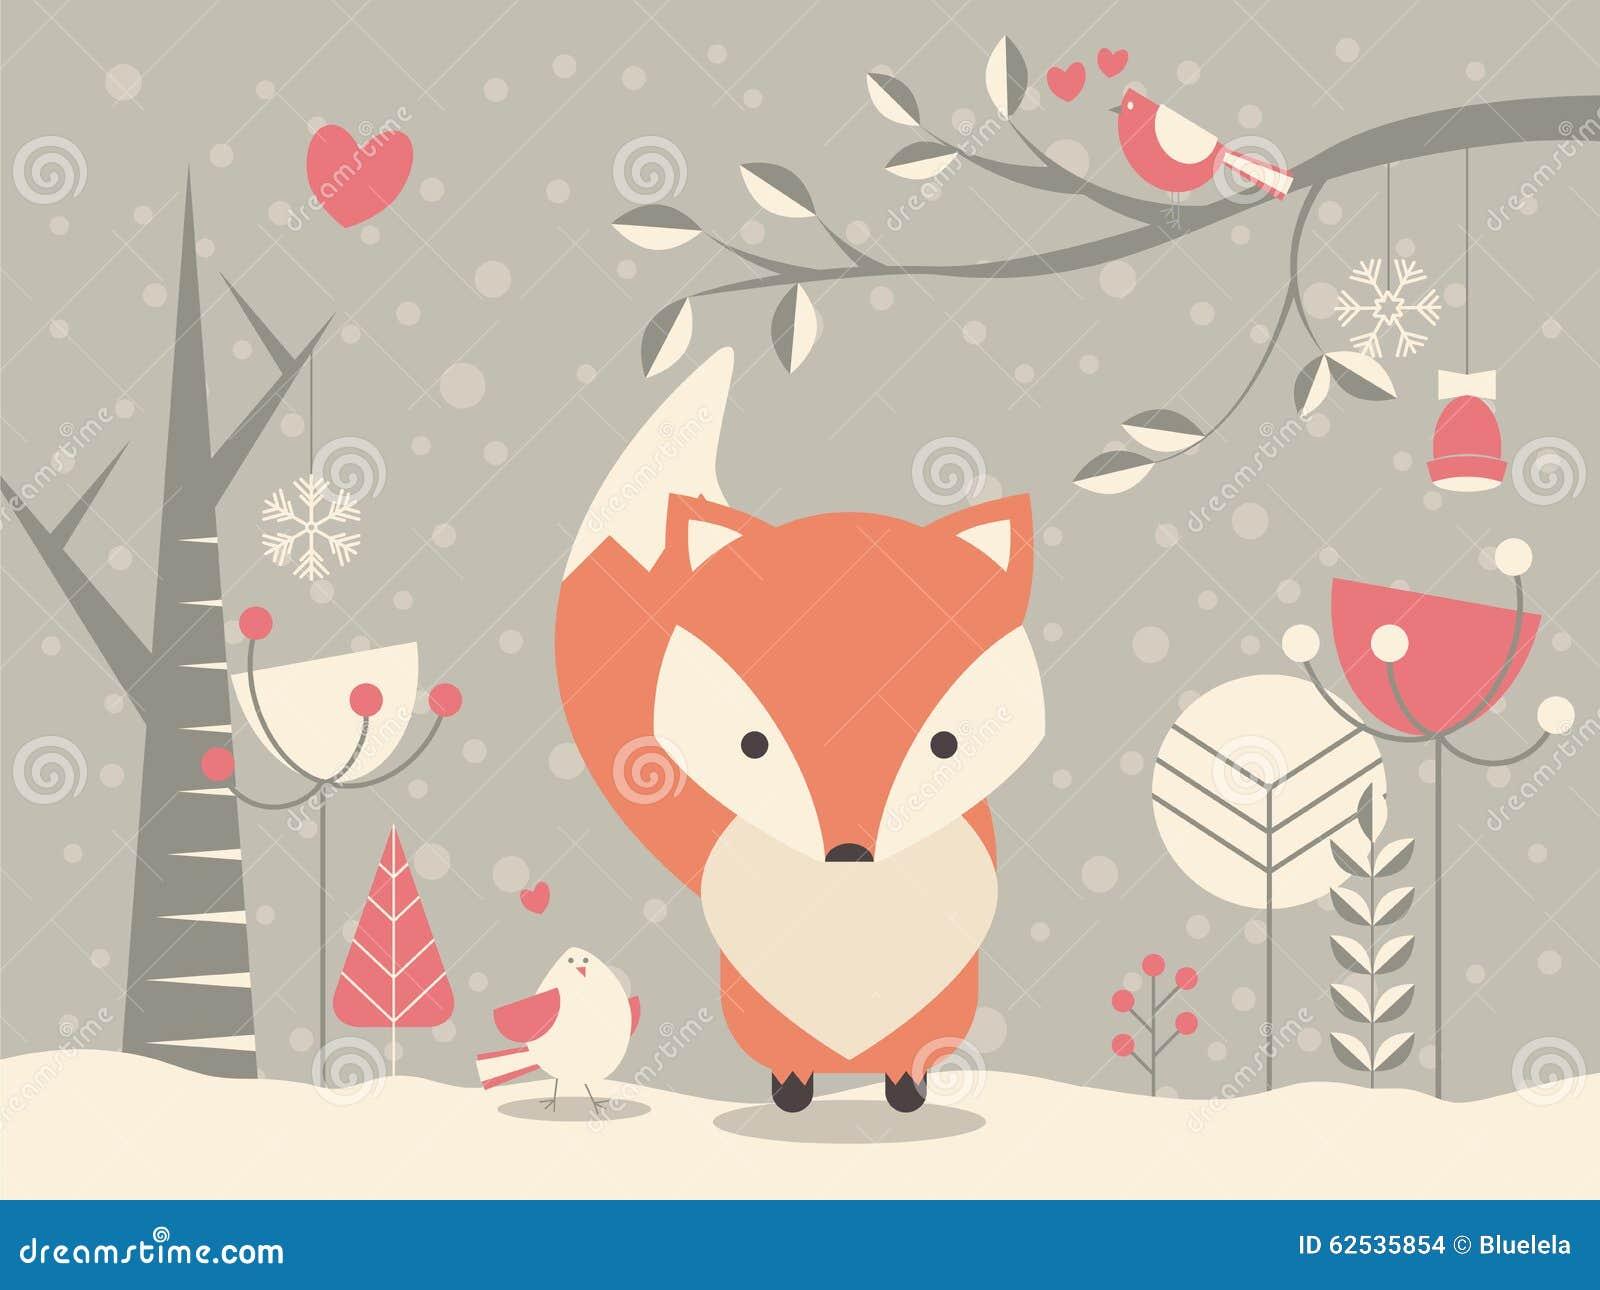 逗人喜爱的圣诞节小狐狸围拢与花卉装饰